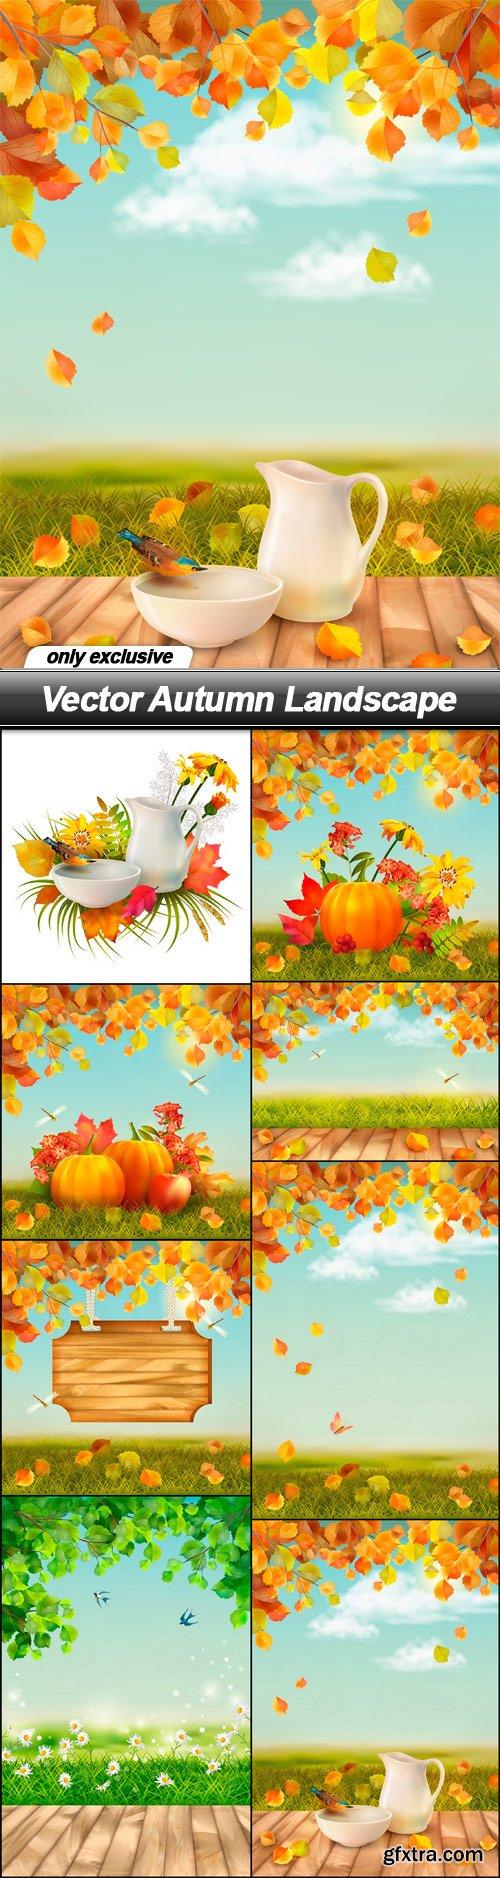 Vector Autumn Landscape - 8 EPS